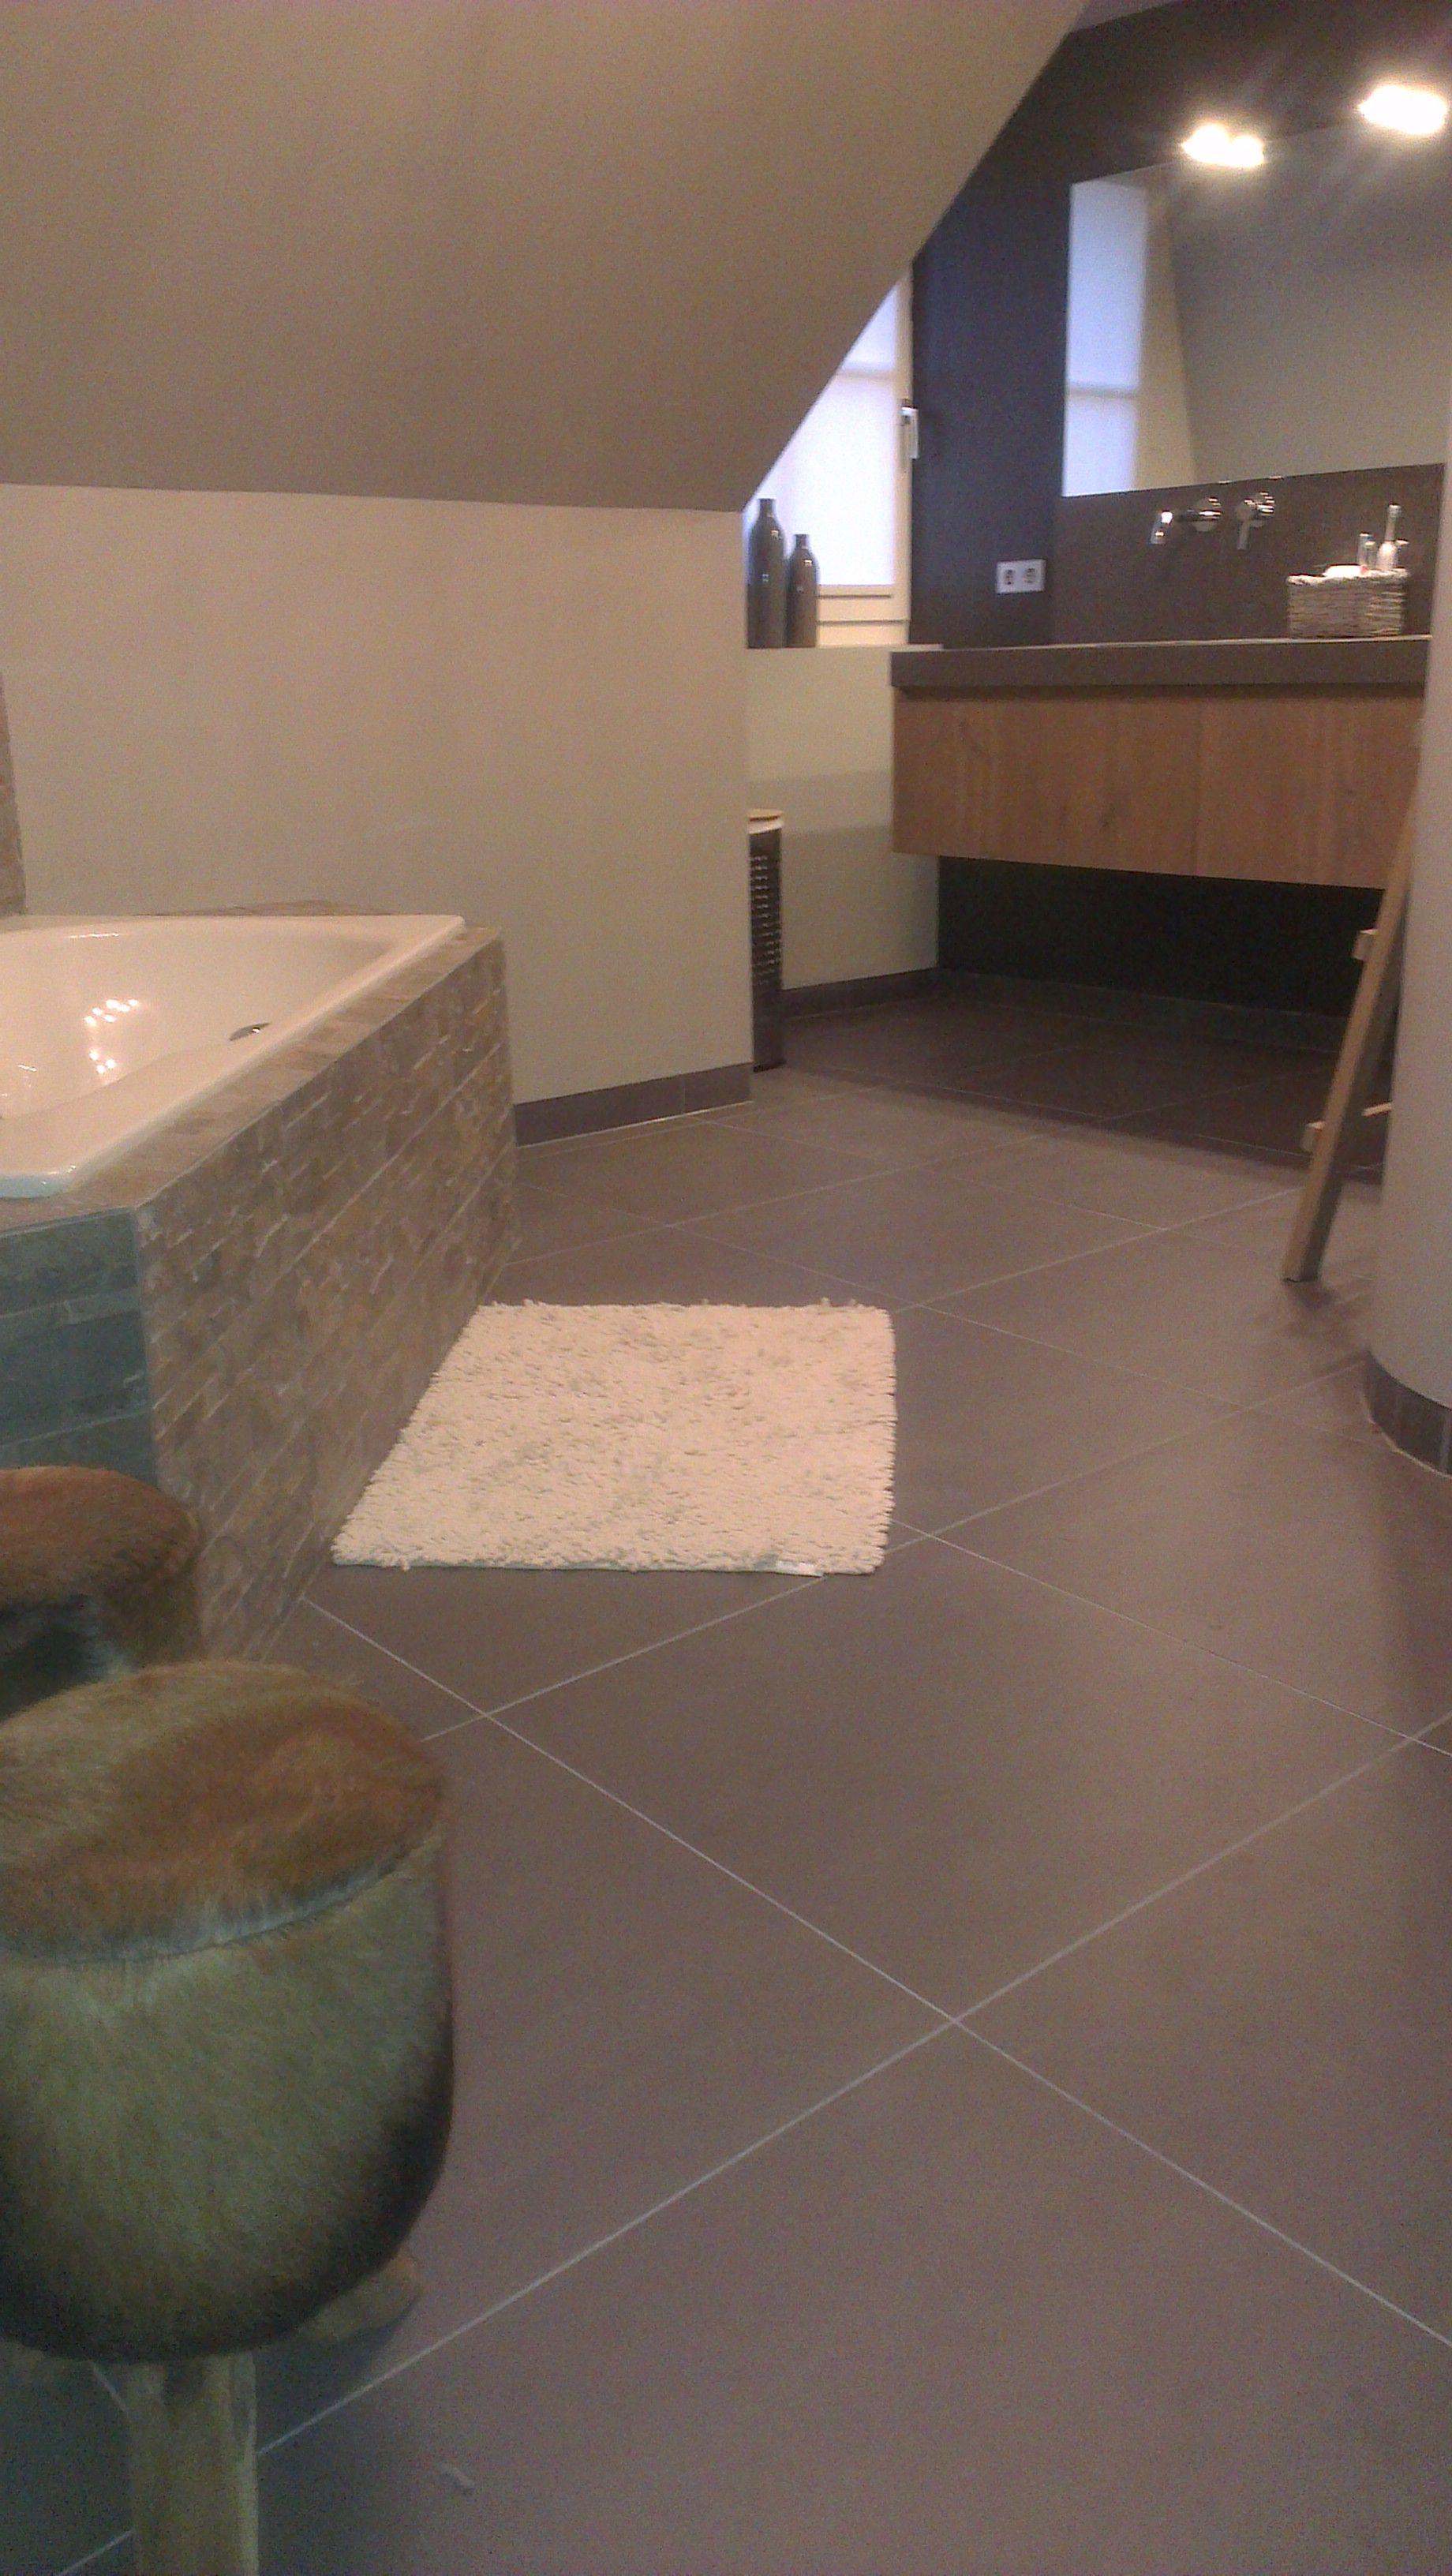 badkamer te rijssen modern en robuust door massief eiken houten